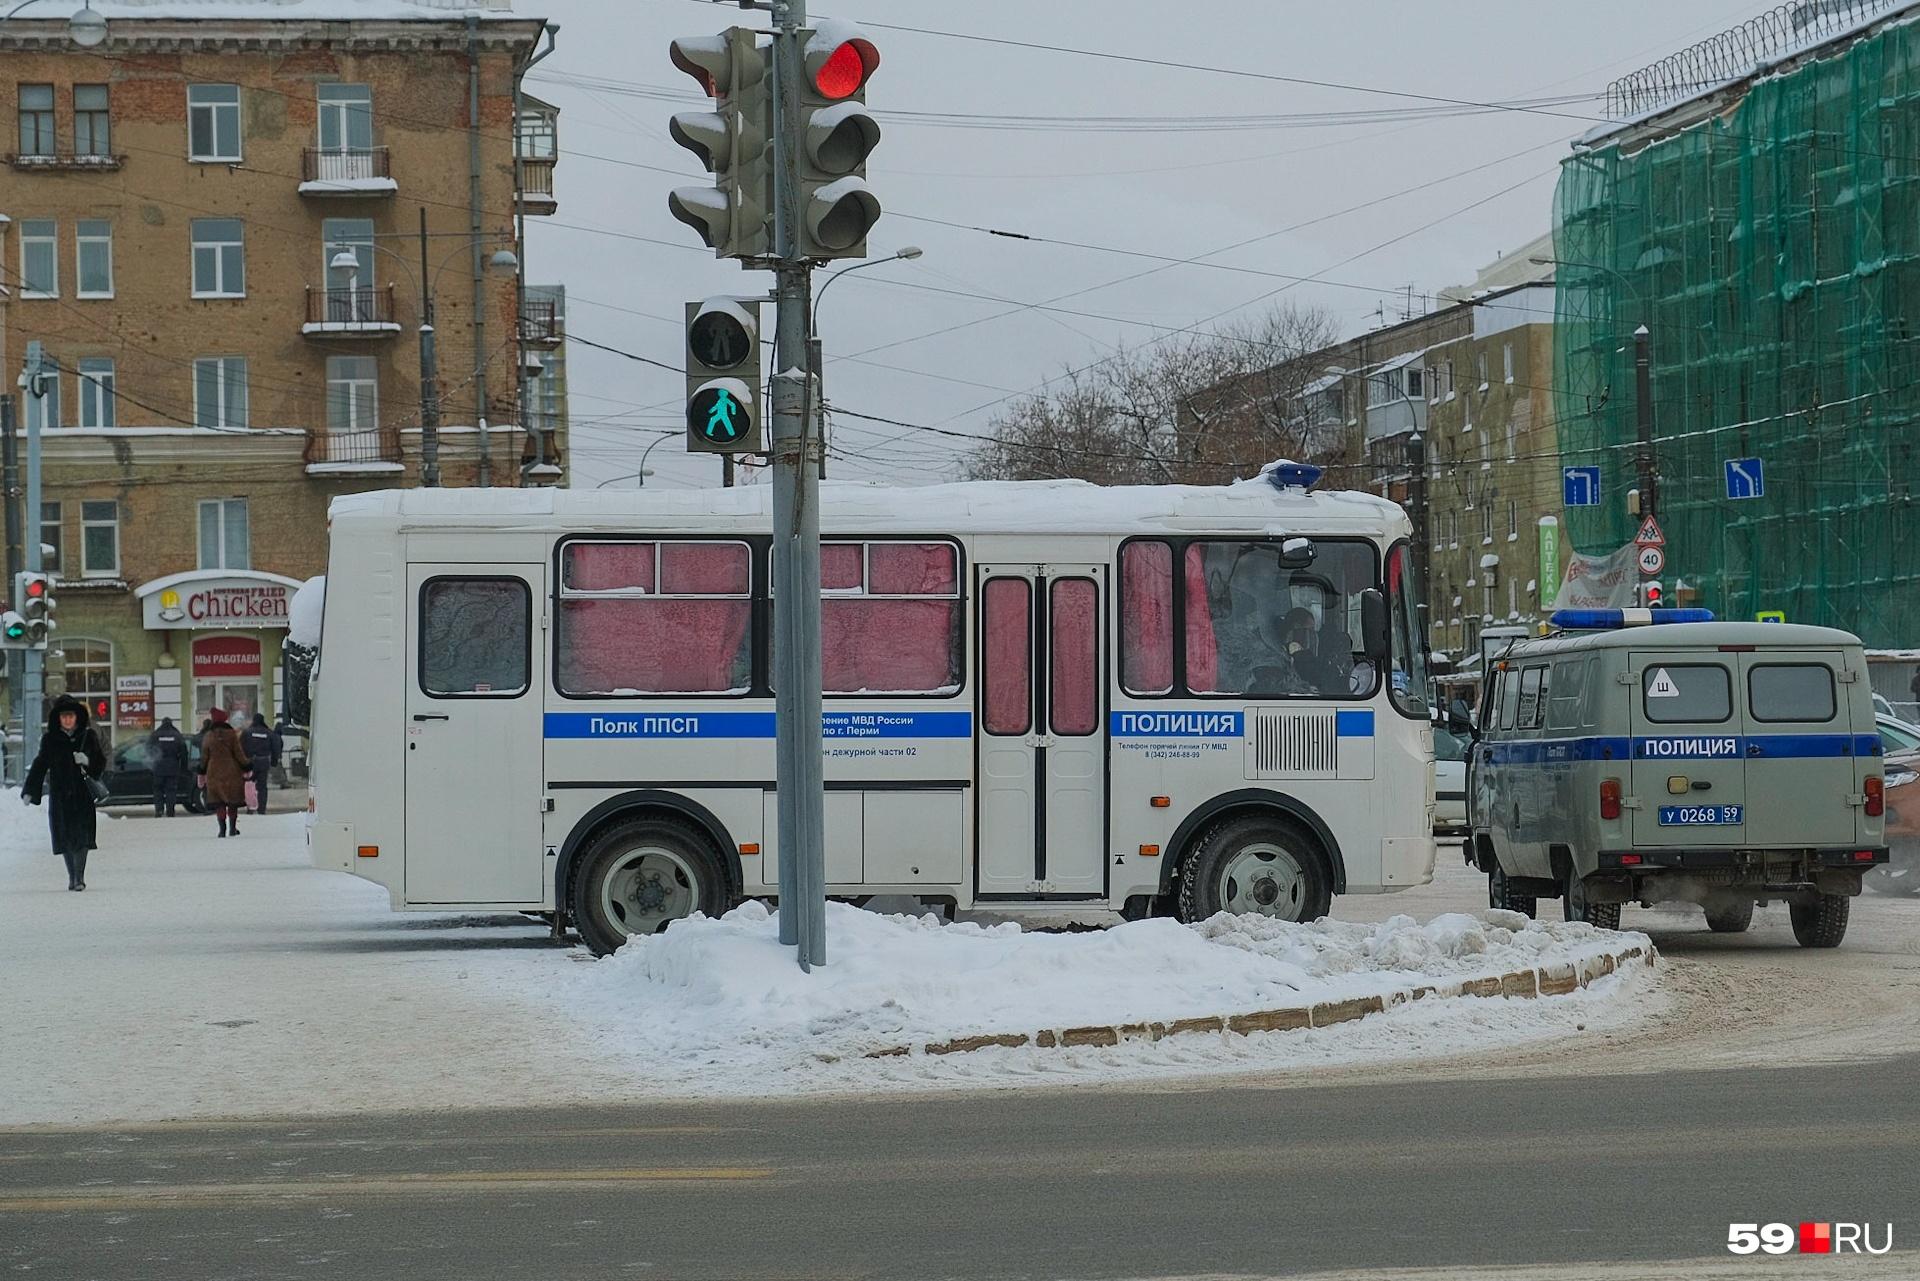 Перед началом акции в центре города дежурила полиция, но никого не задерживали